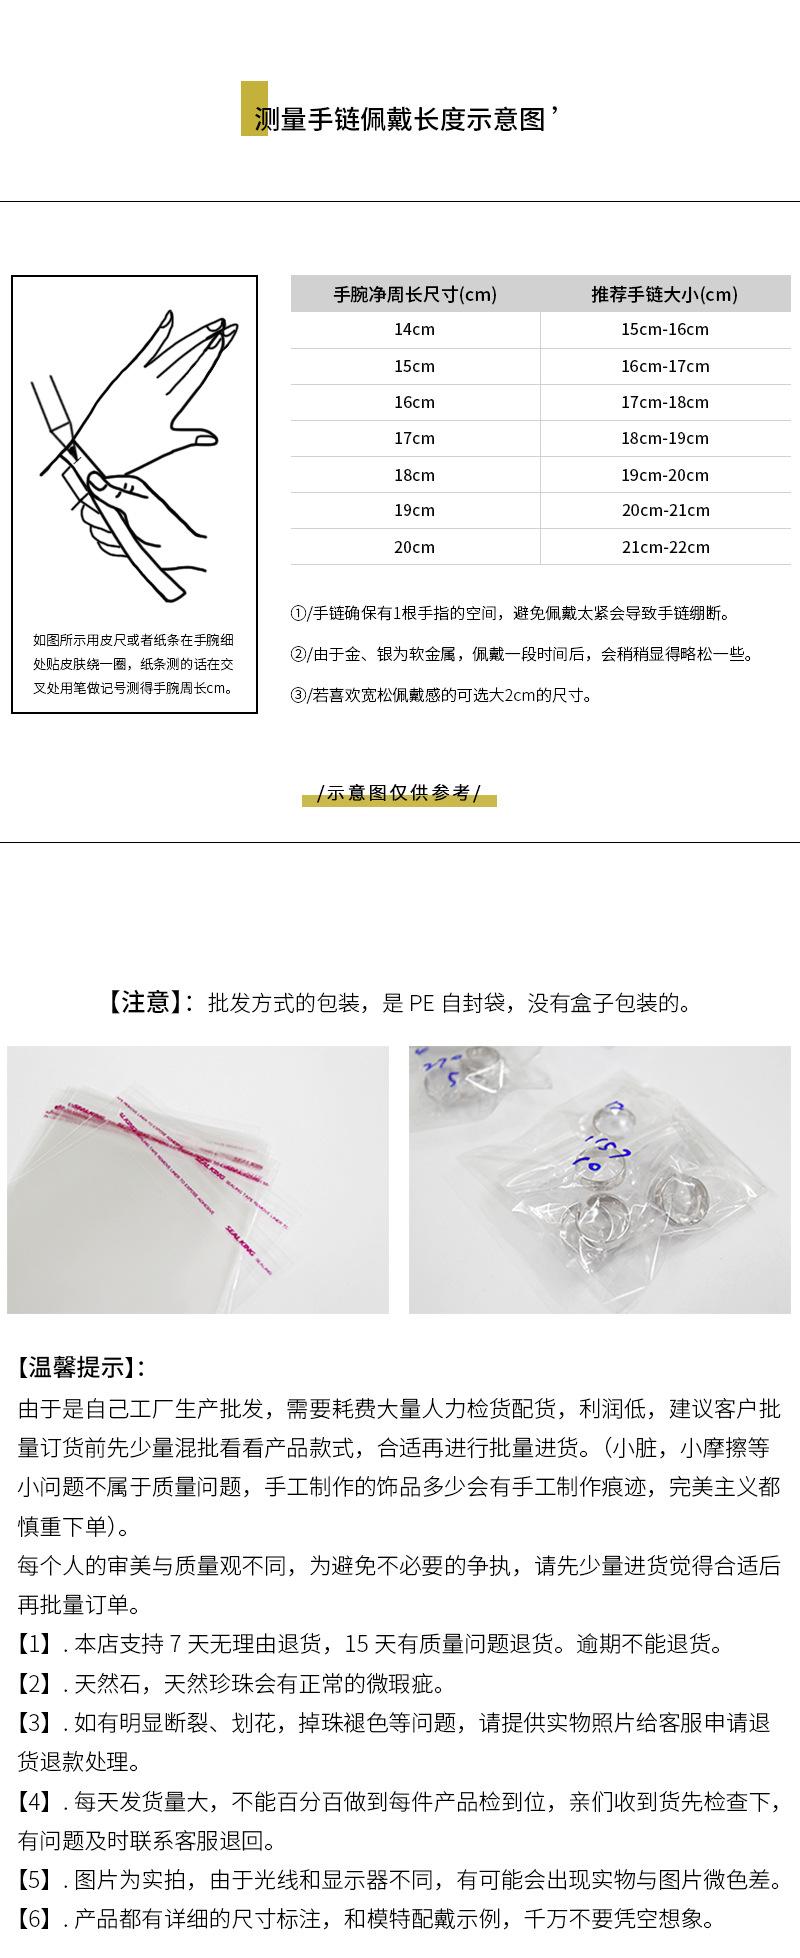 手链测量-2_01.jpg